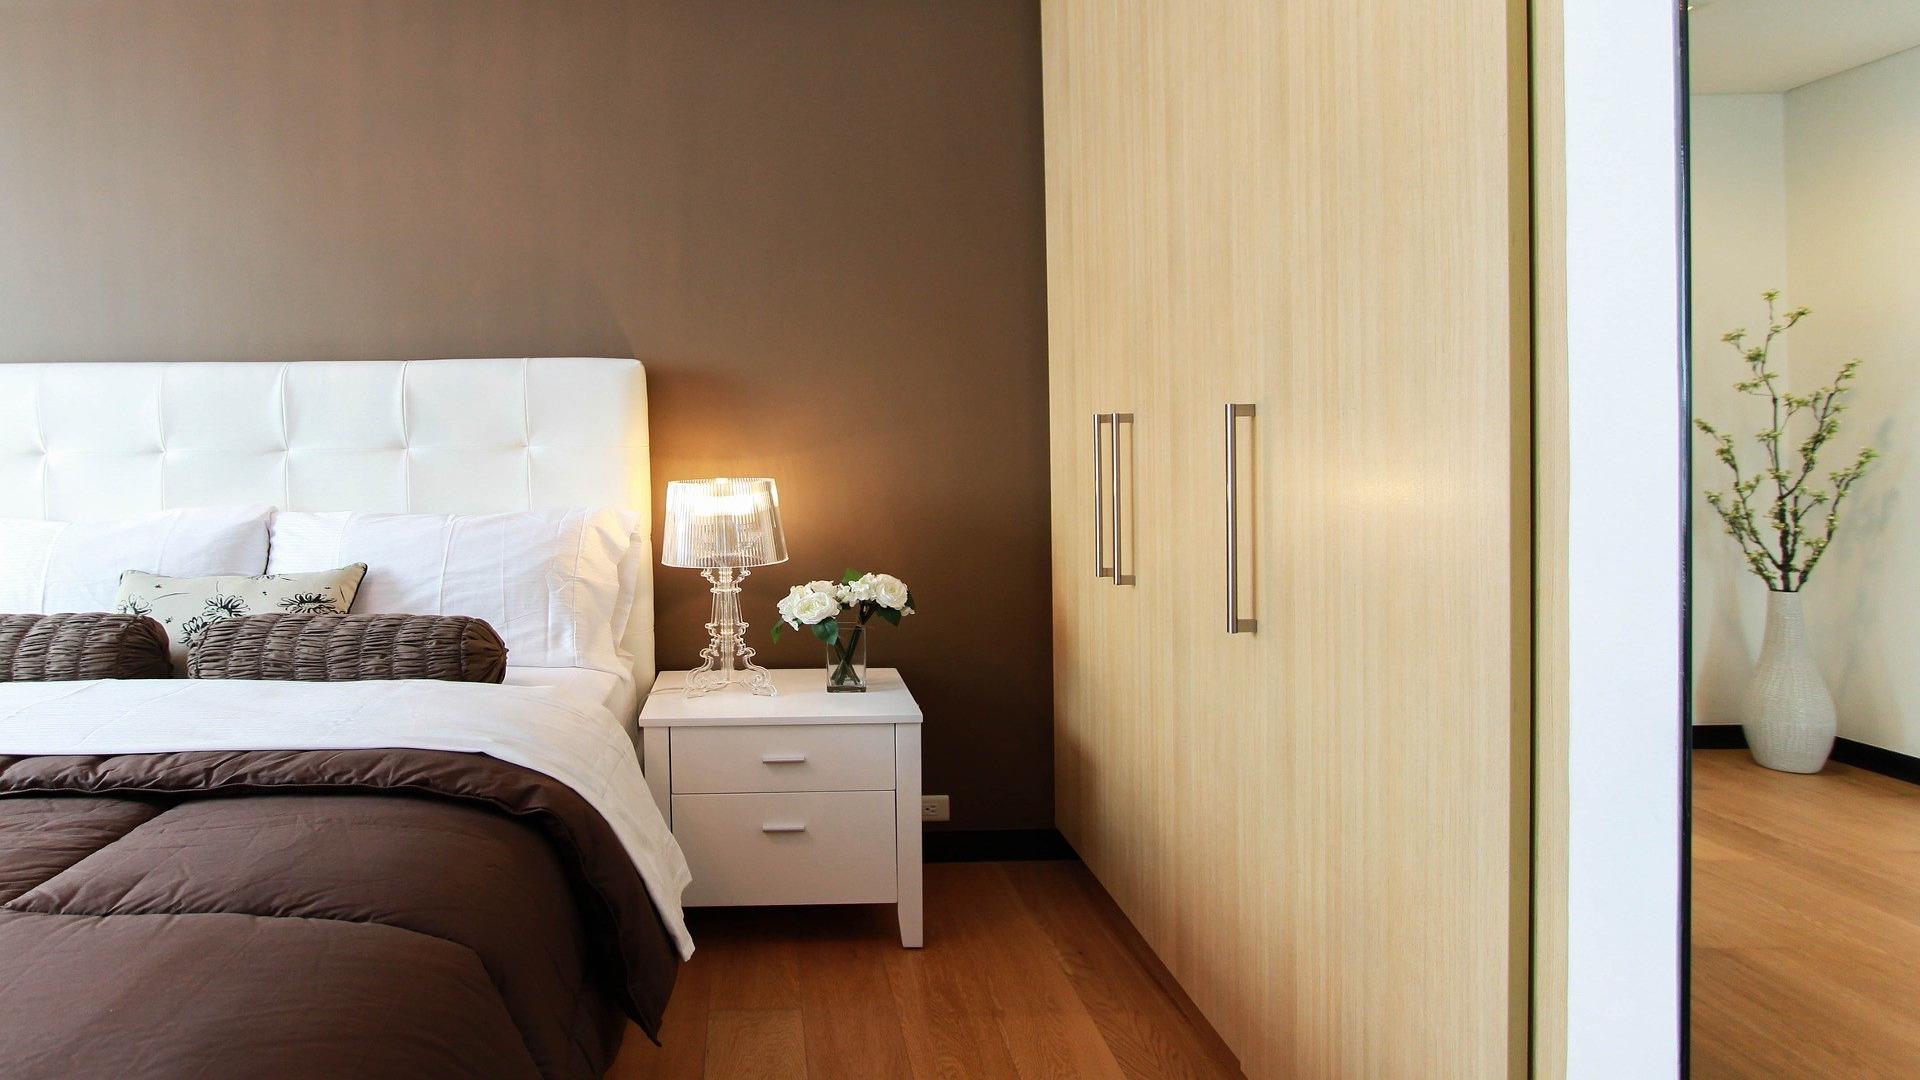 Segun el FENG SHUI la cama se debe poner contra la pared 1920